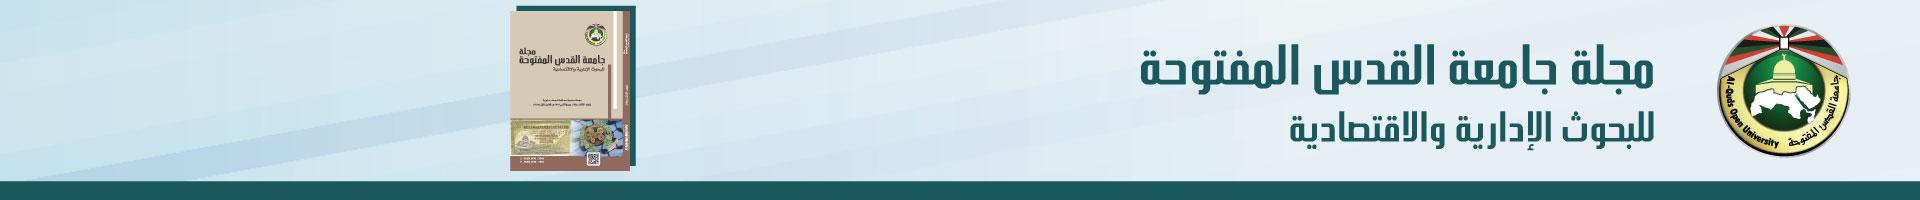 مجلة جامعة القدس المفتوحة للبحوث الإدارية والاقتصادية